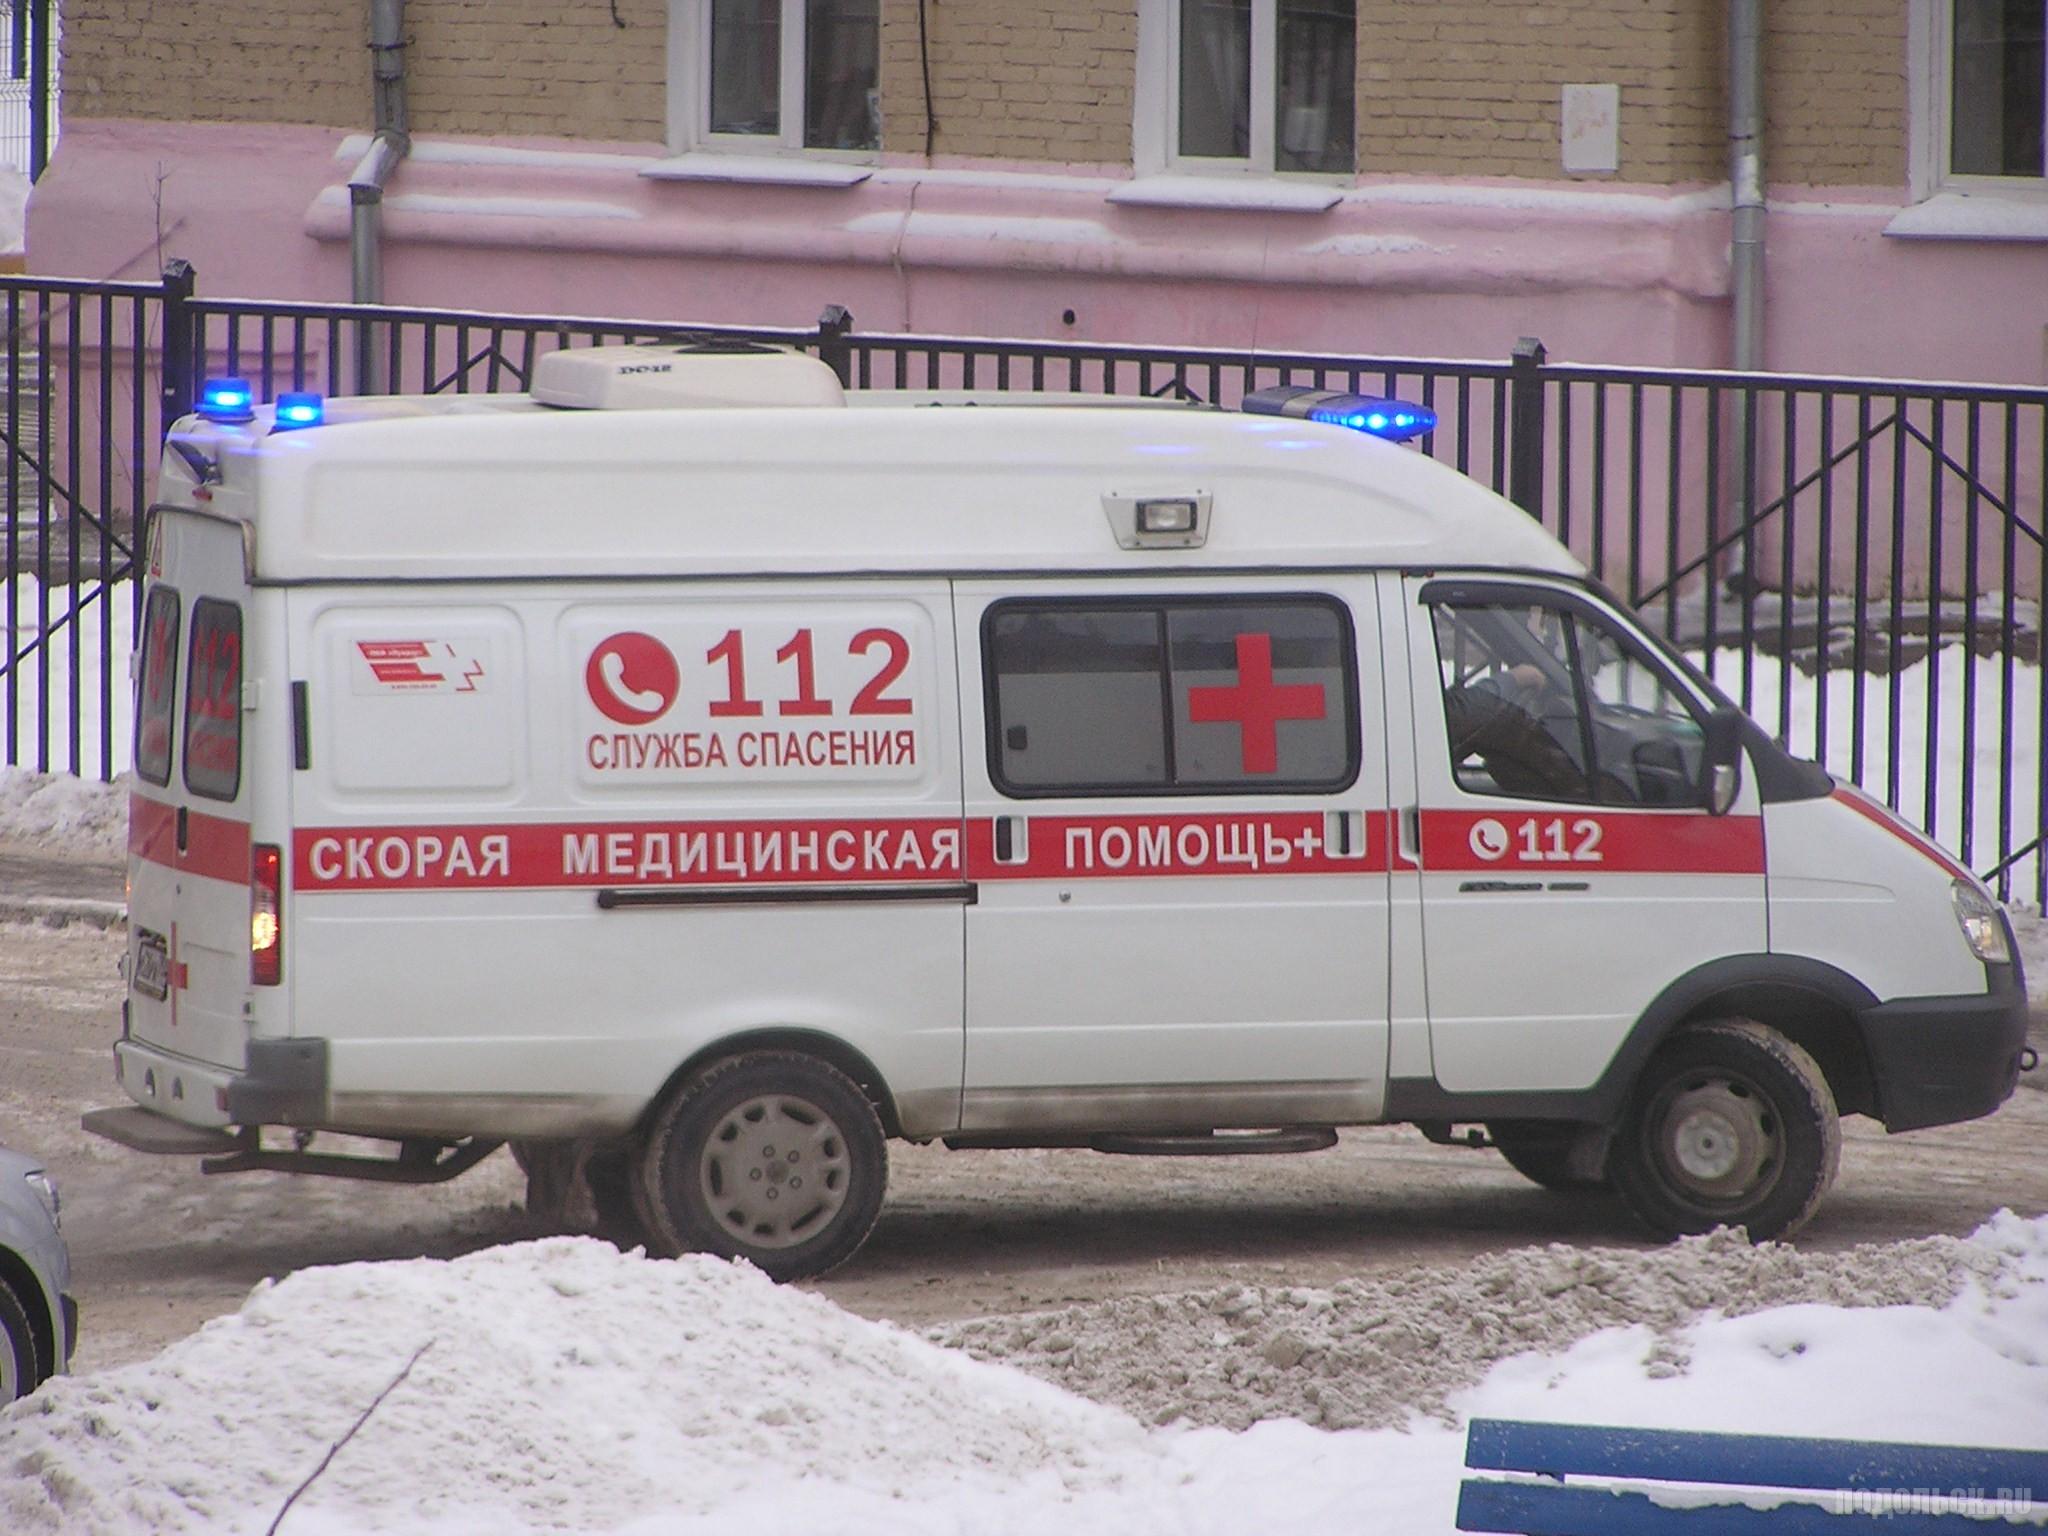 Машина скорой помощи. Январь 2018